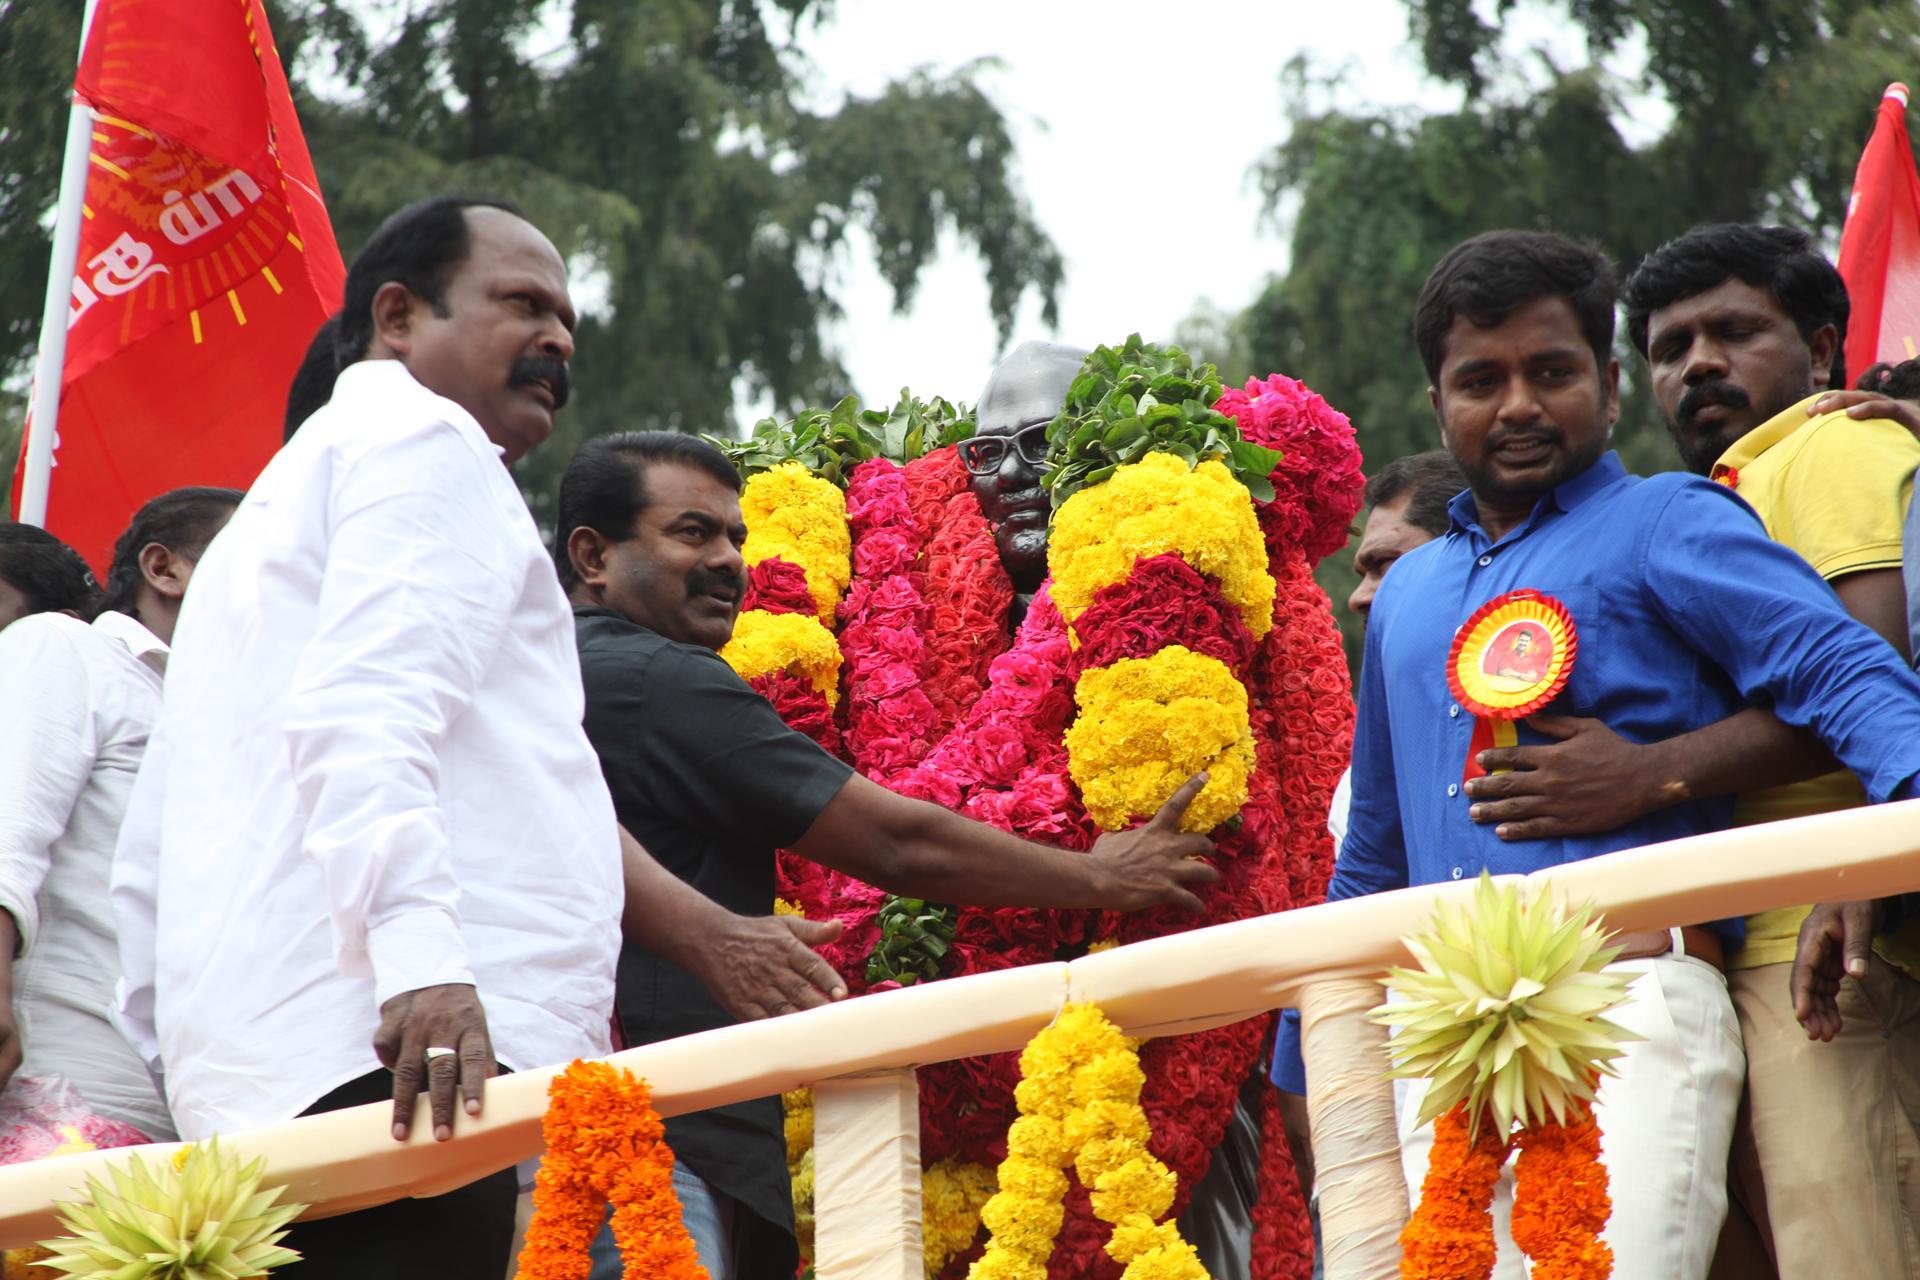 'தமிழர் தந்தை' சி.பா. ஆதித்தனார் 113ஆம் ஆண்டு பிறந்தநாள்: சீமான் மலர்வணக்கம் naam tamilar katchi seeman paying floral tributes si paa aadhithanar 113th birth anniversary2